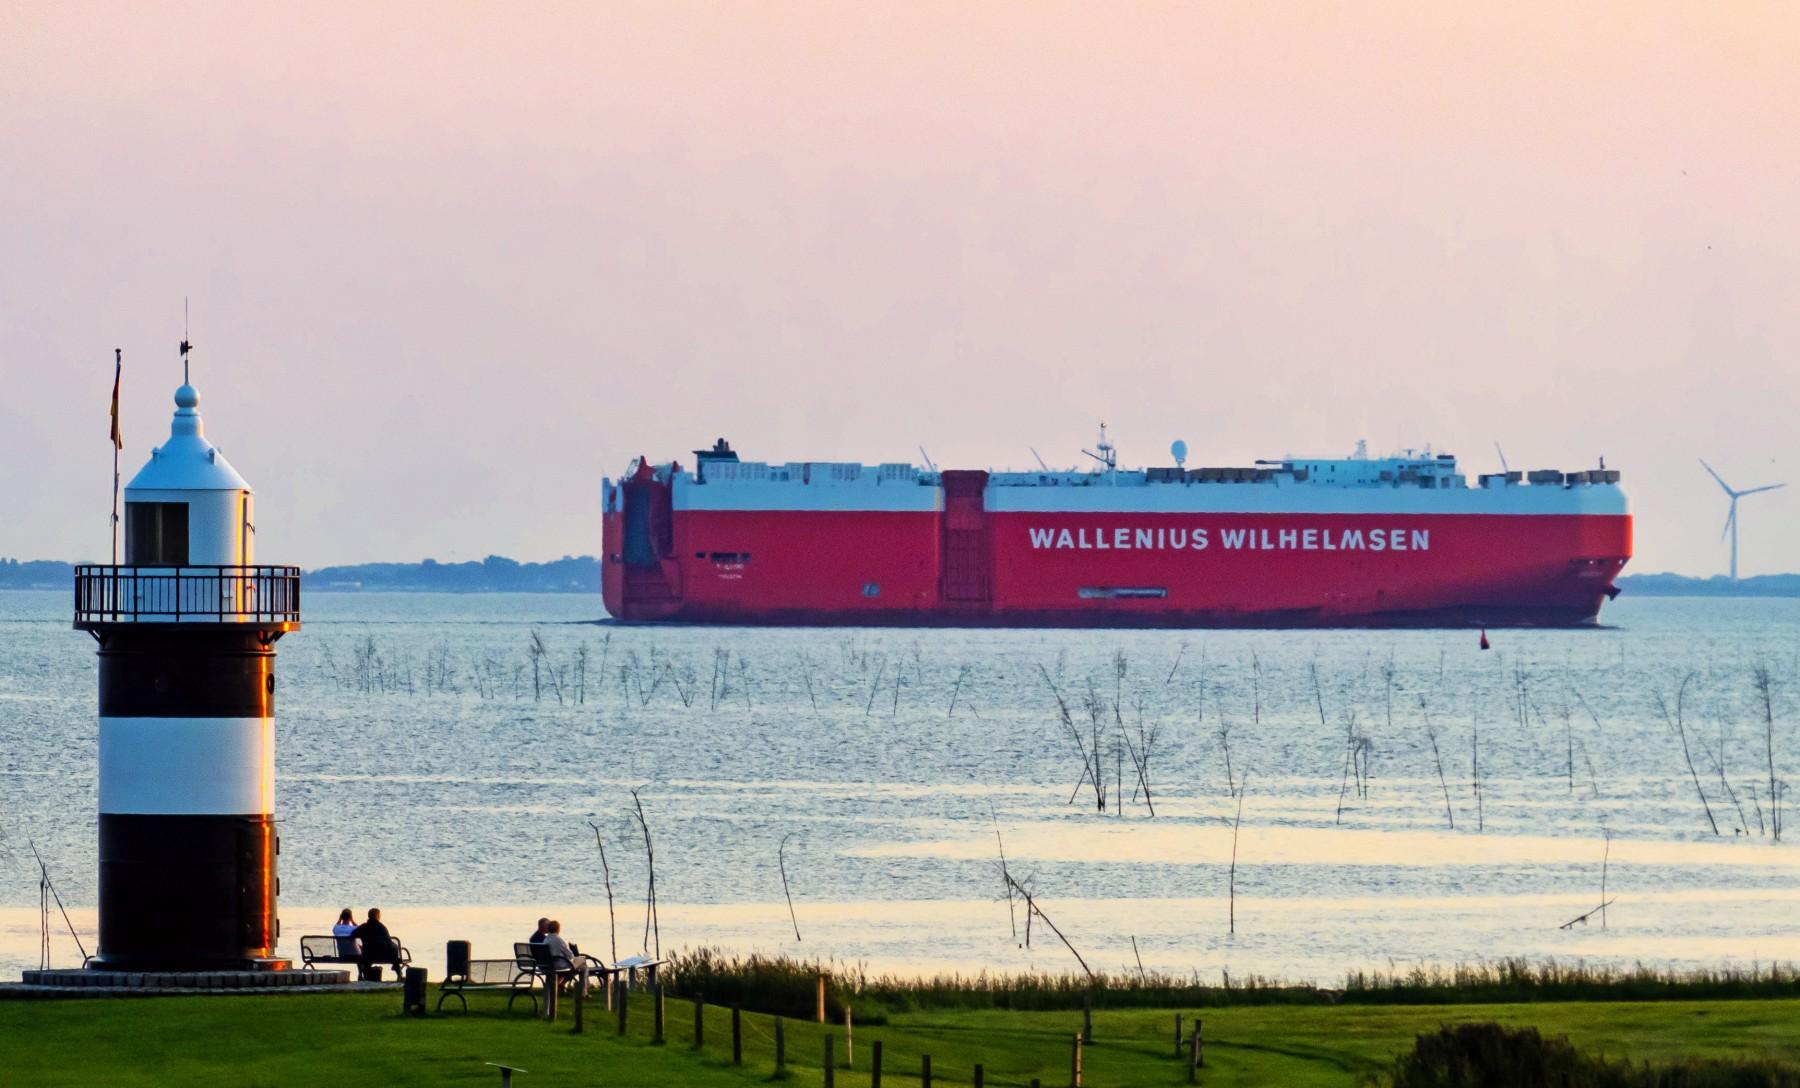 Σε 2.500 προσωρινές απολύσεις προχωρά η Wallenius Wilhelmsen